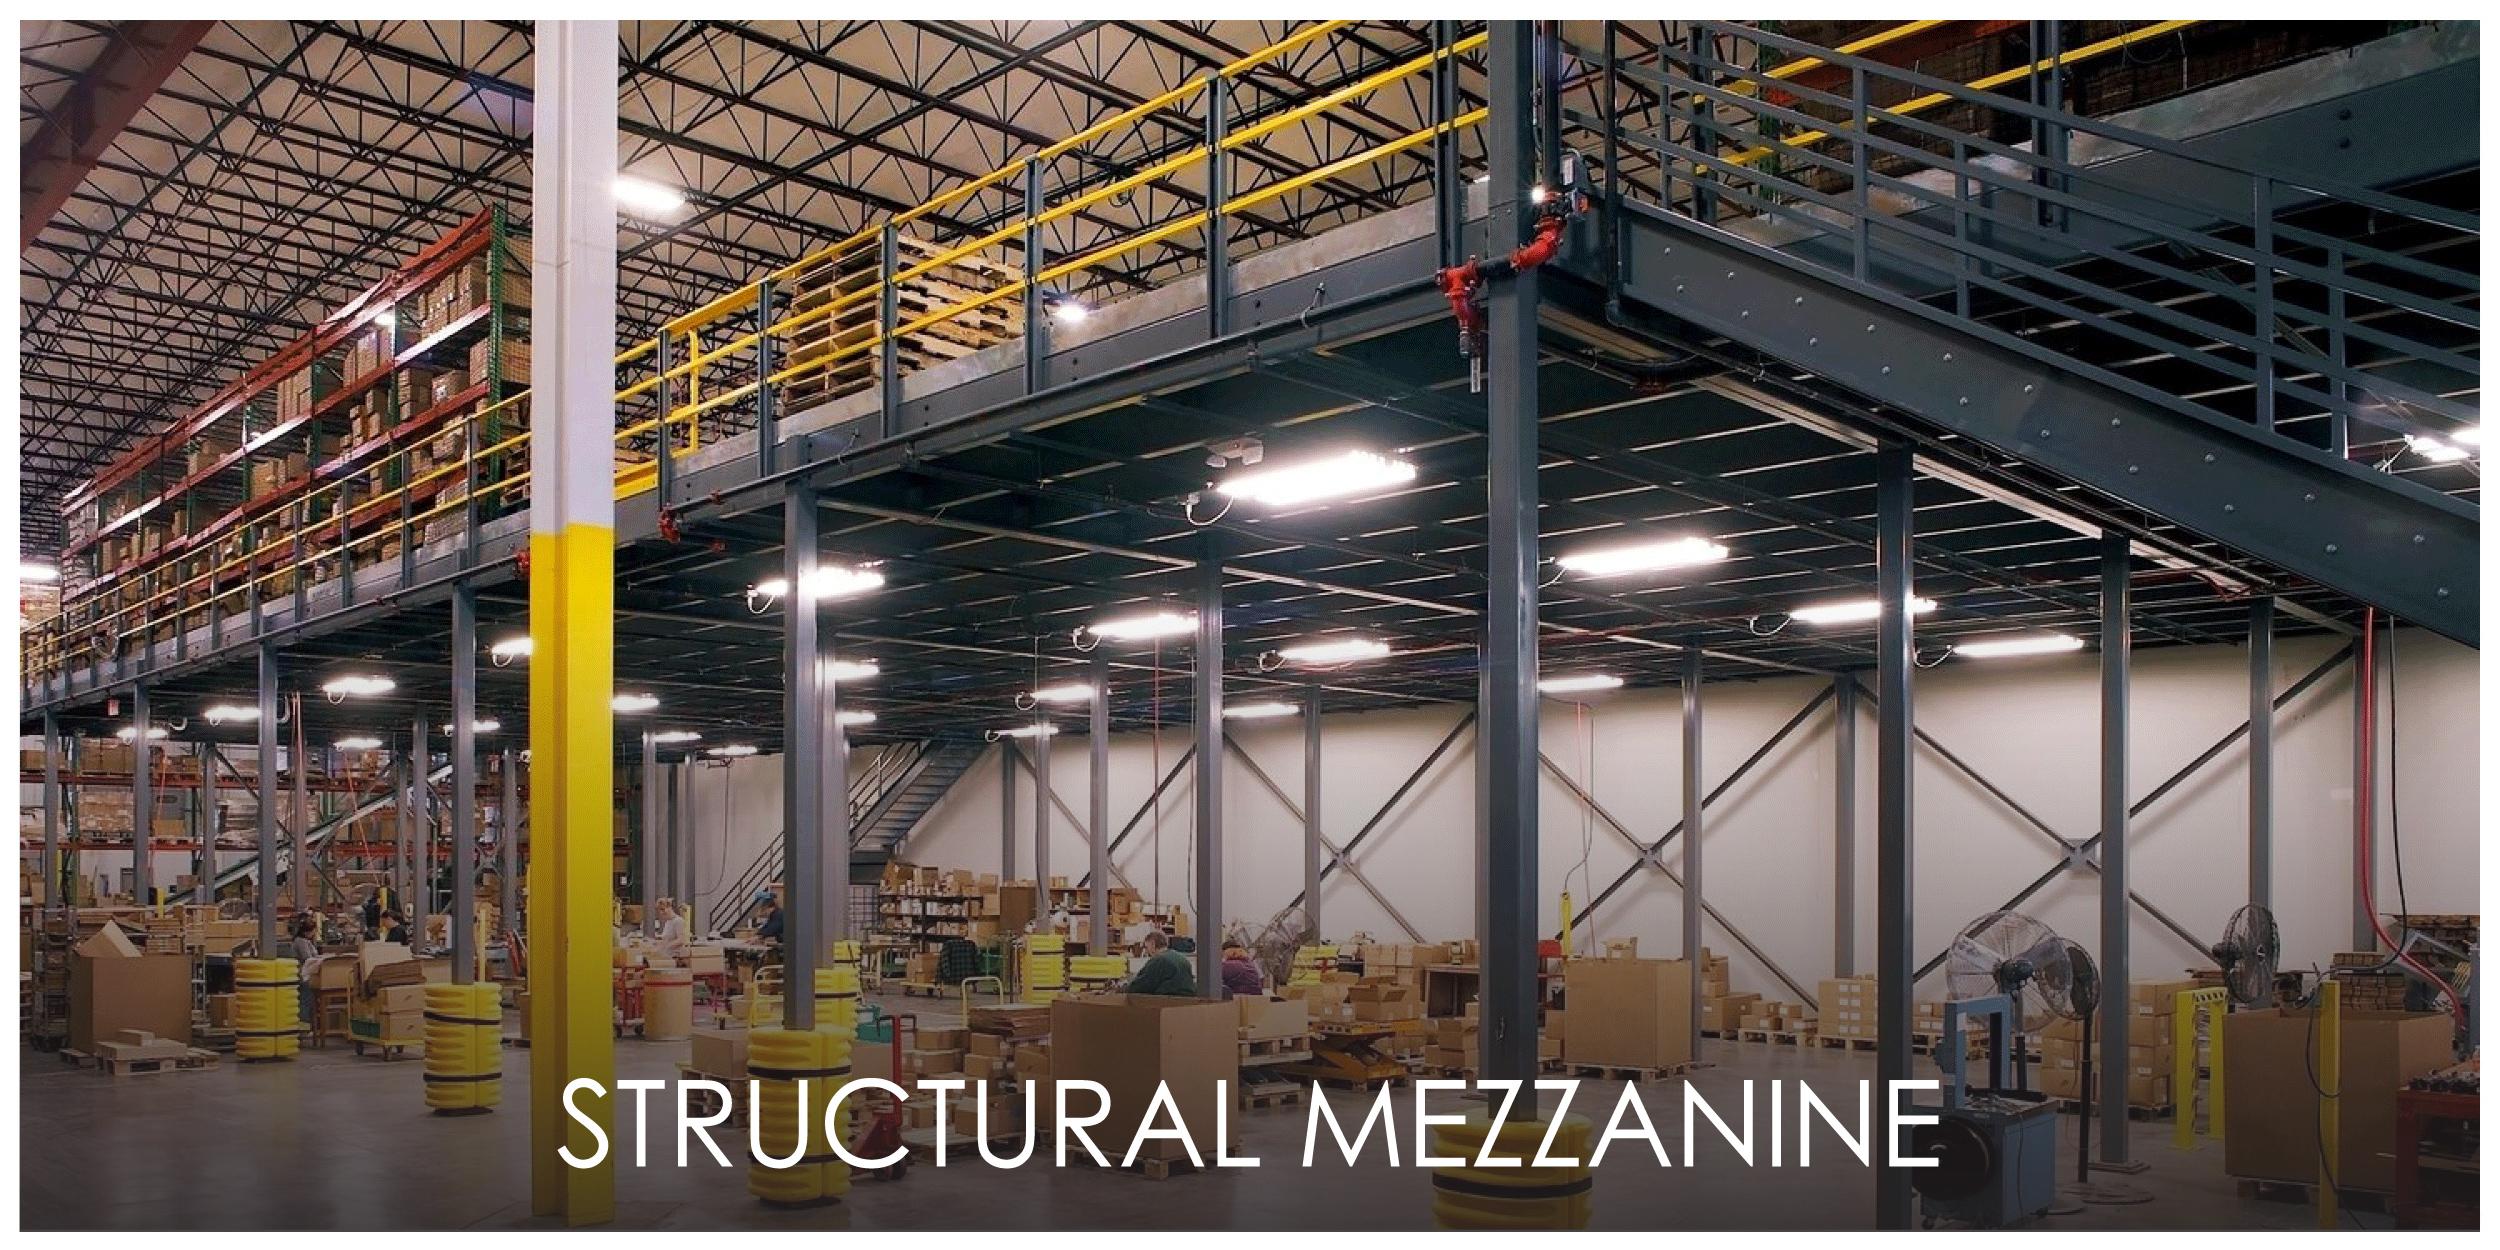 StructuralMezzanine-Front-Page.jpg